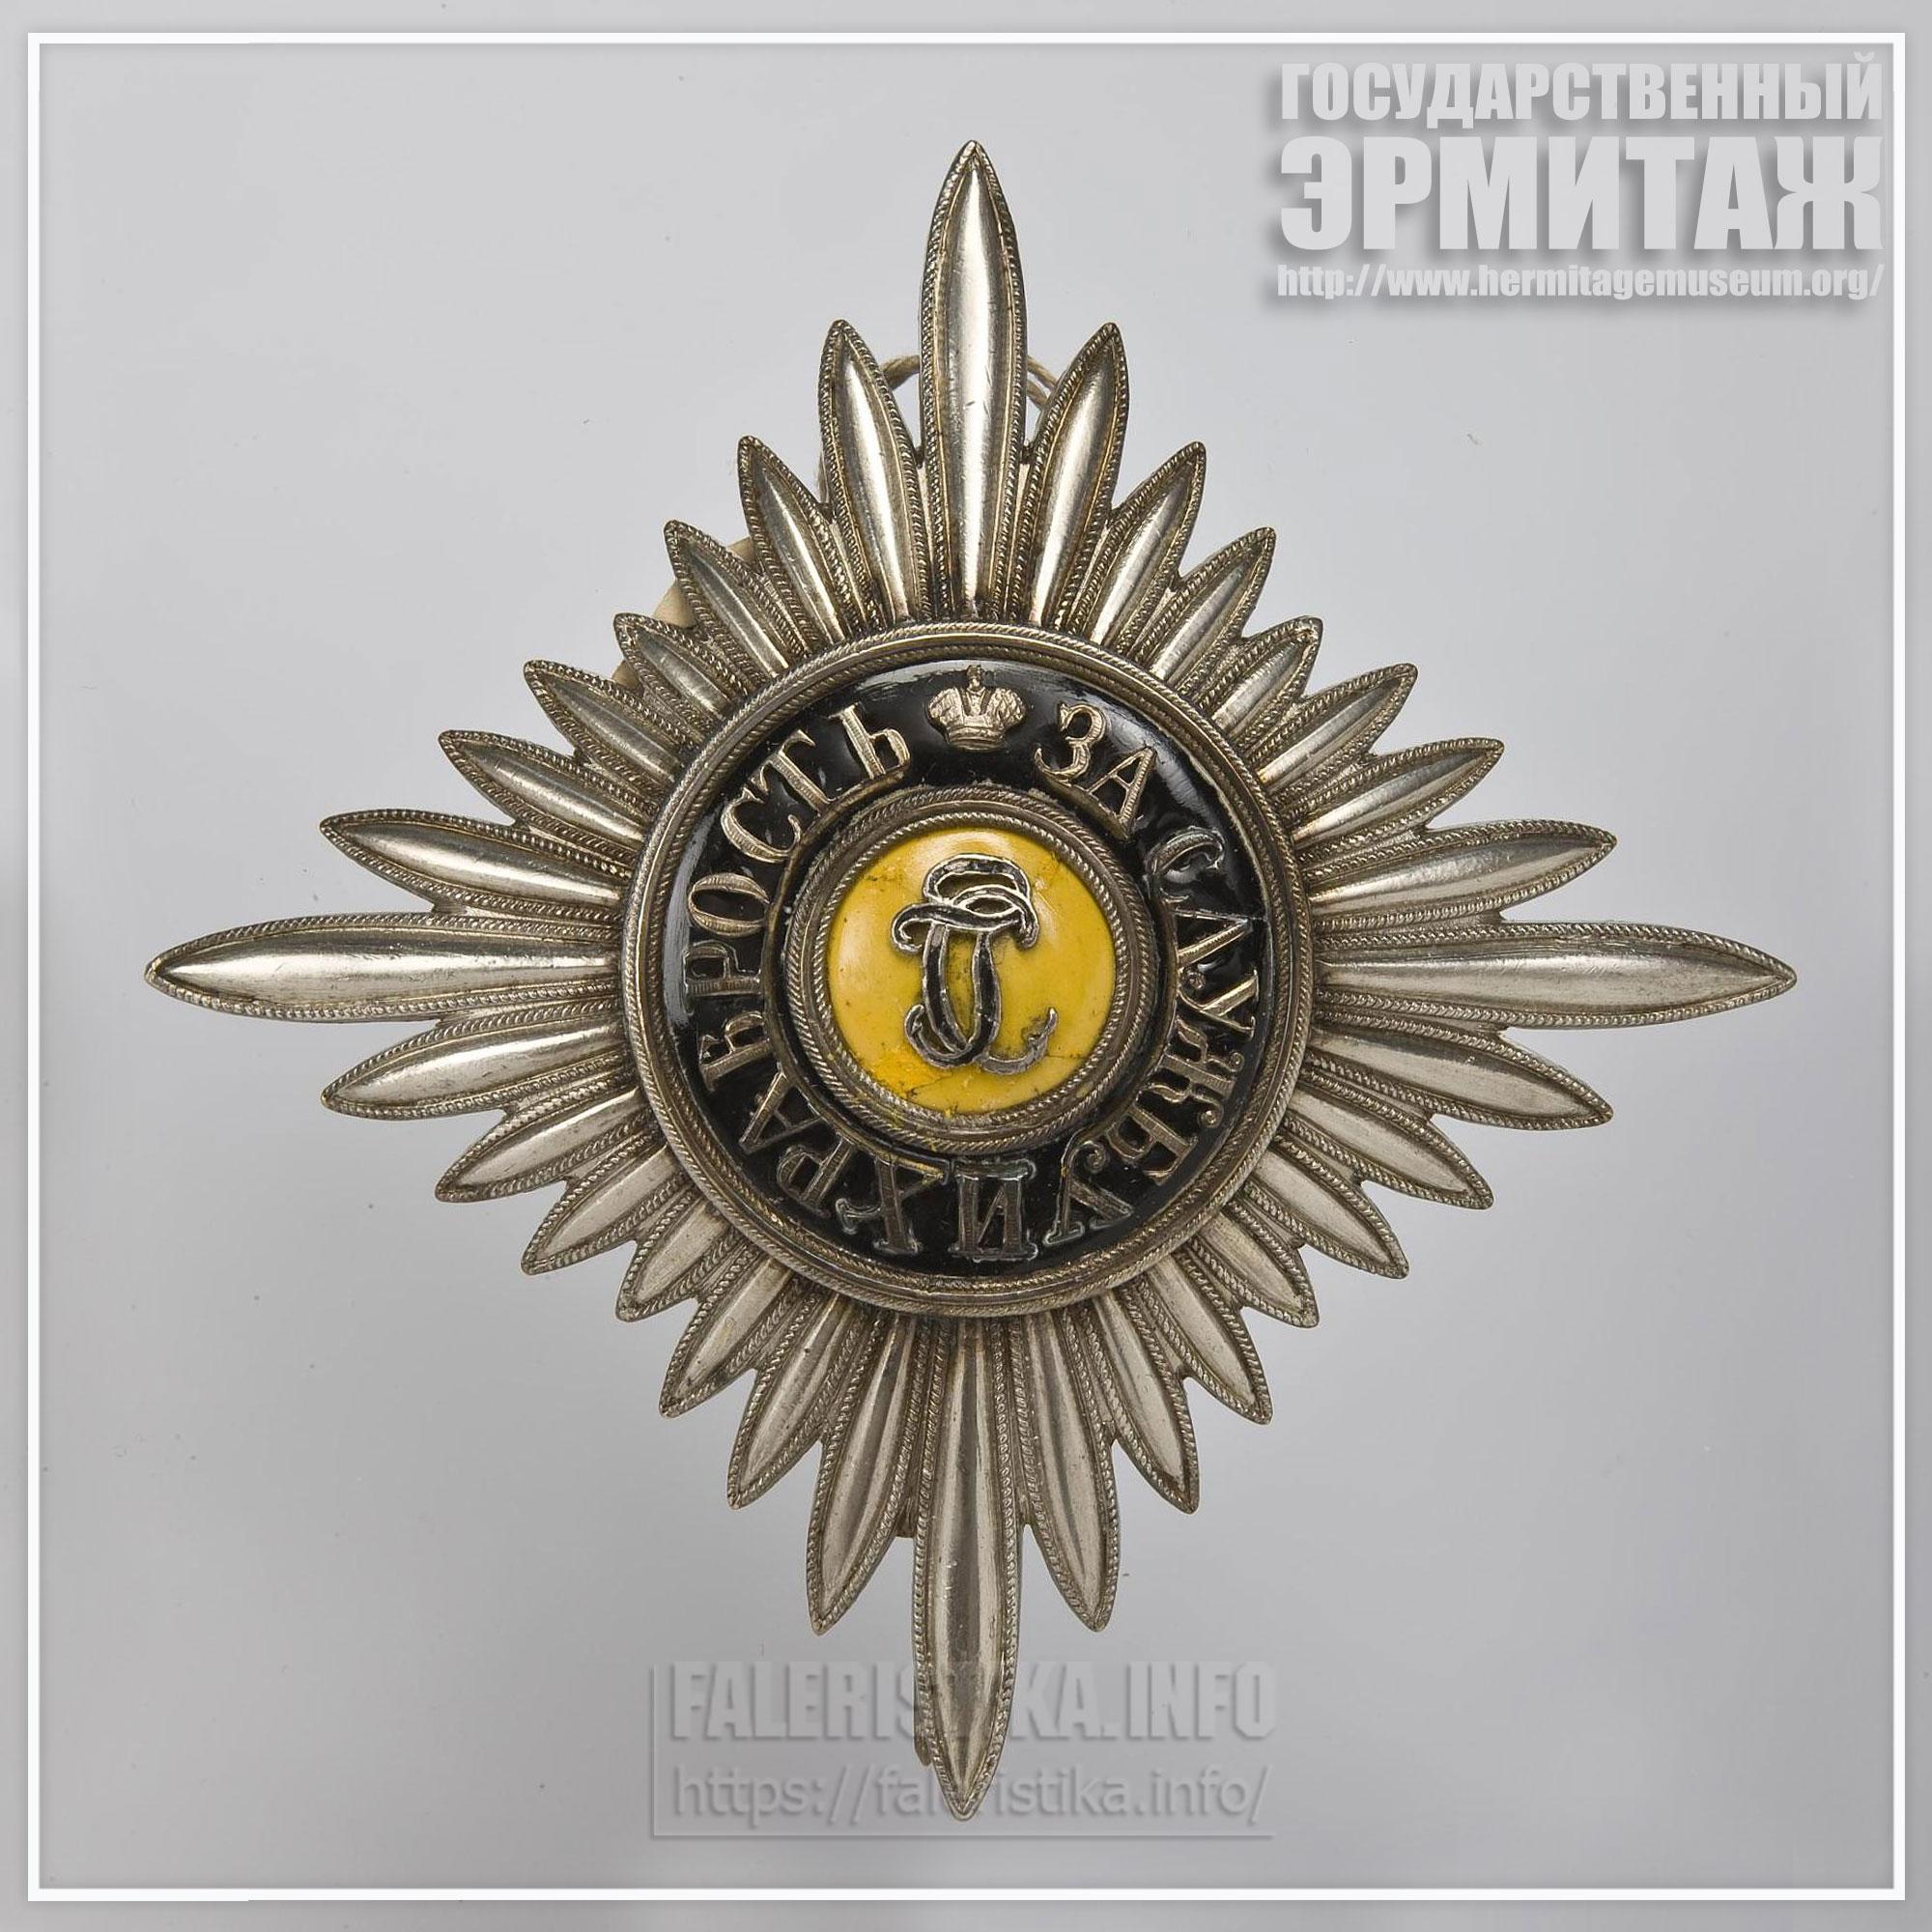 Звезда ордена Св. Георгия Победоносца. Середина XIX в